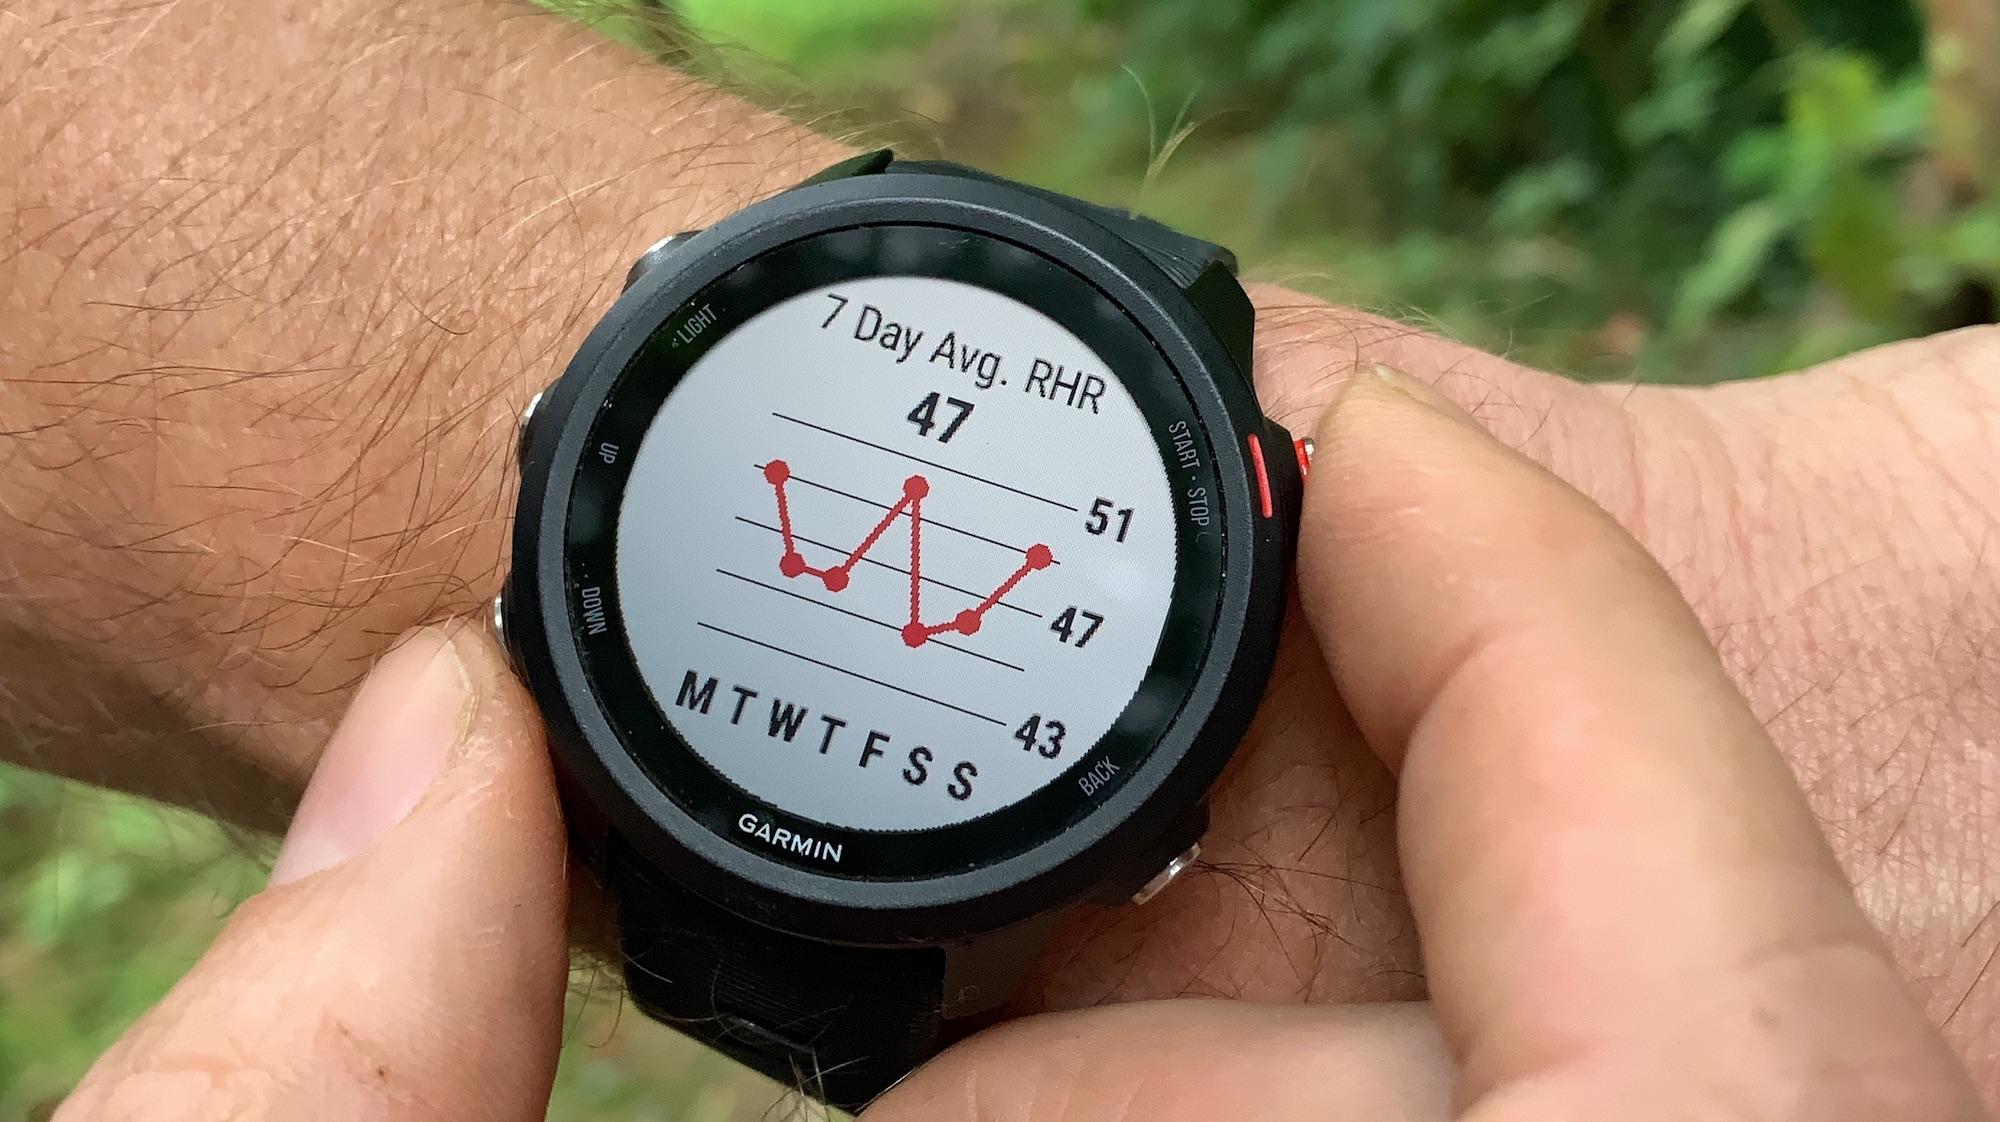 Heart rate garmin forerunner 245 music